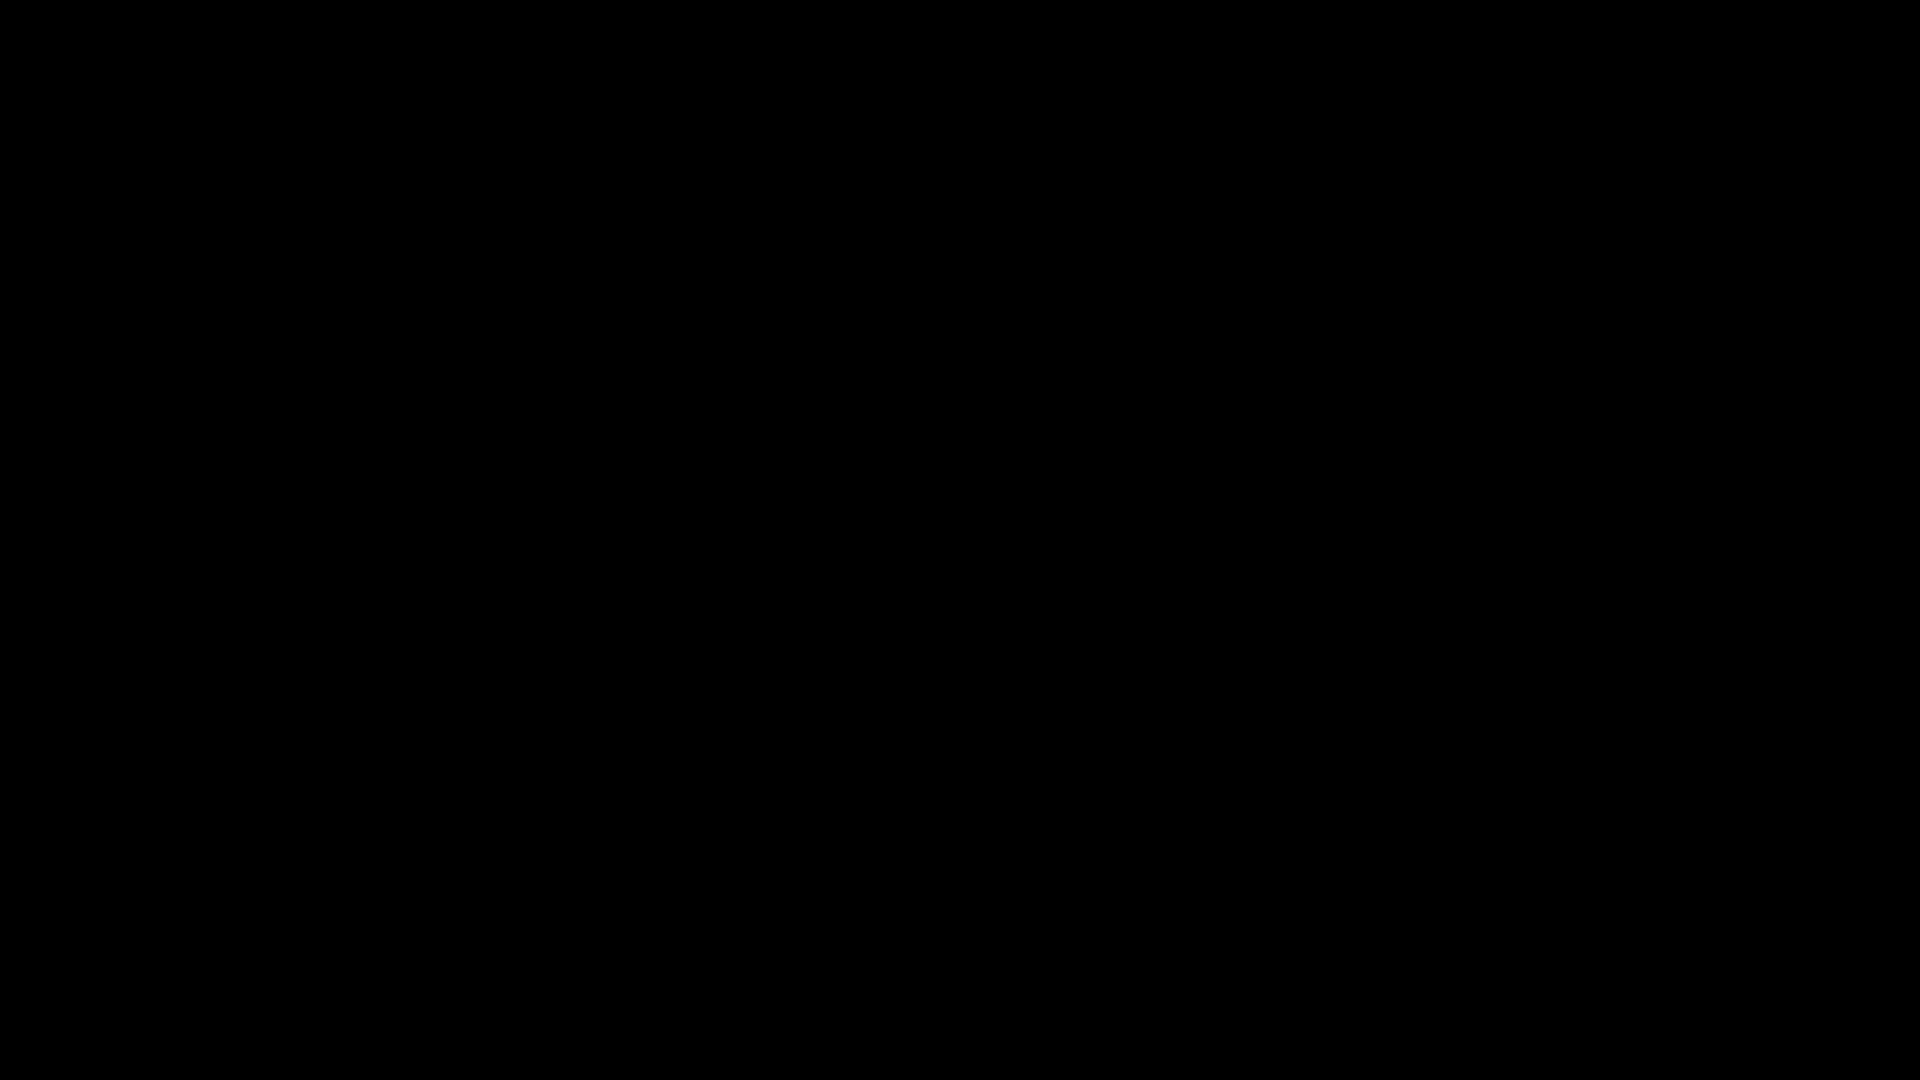 Aarqxd04 o